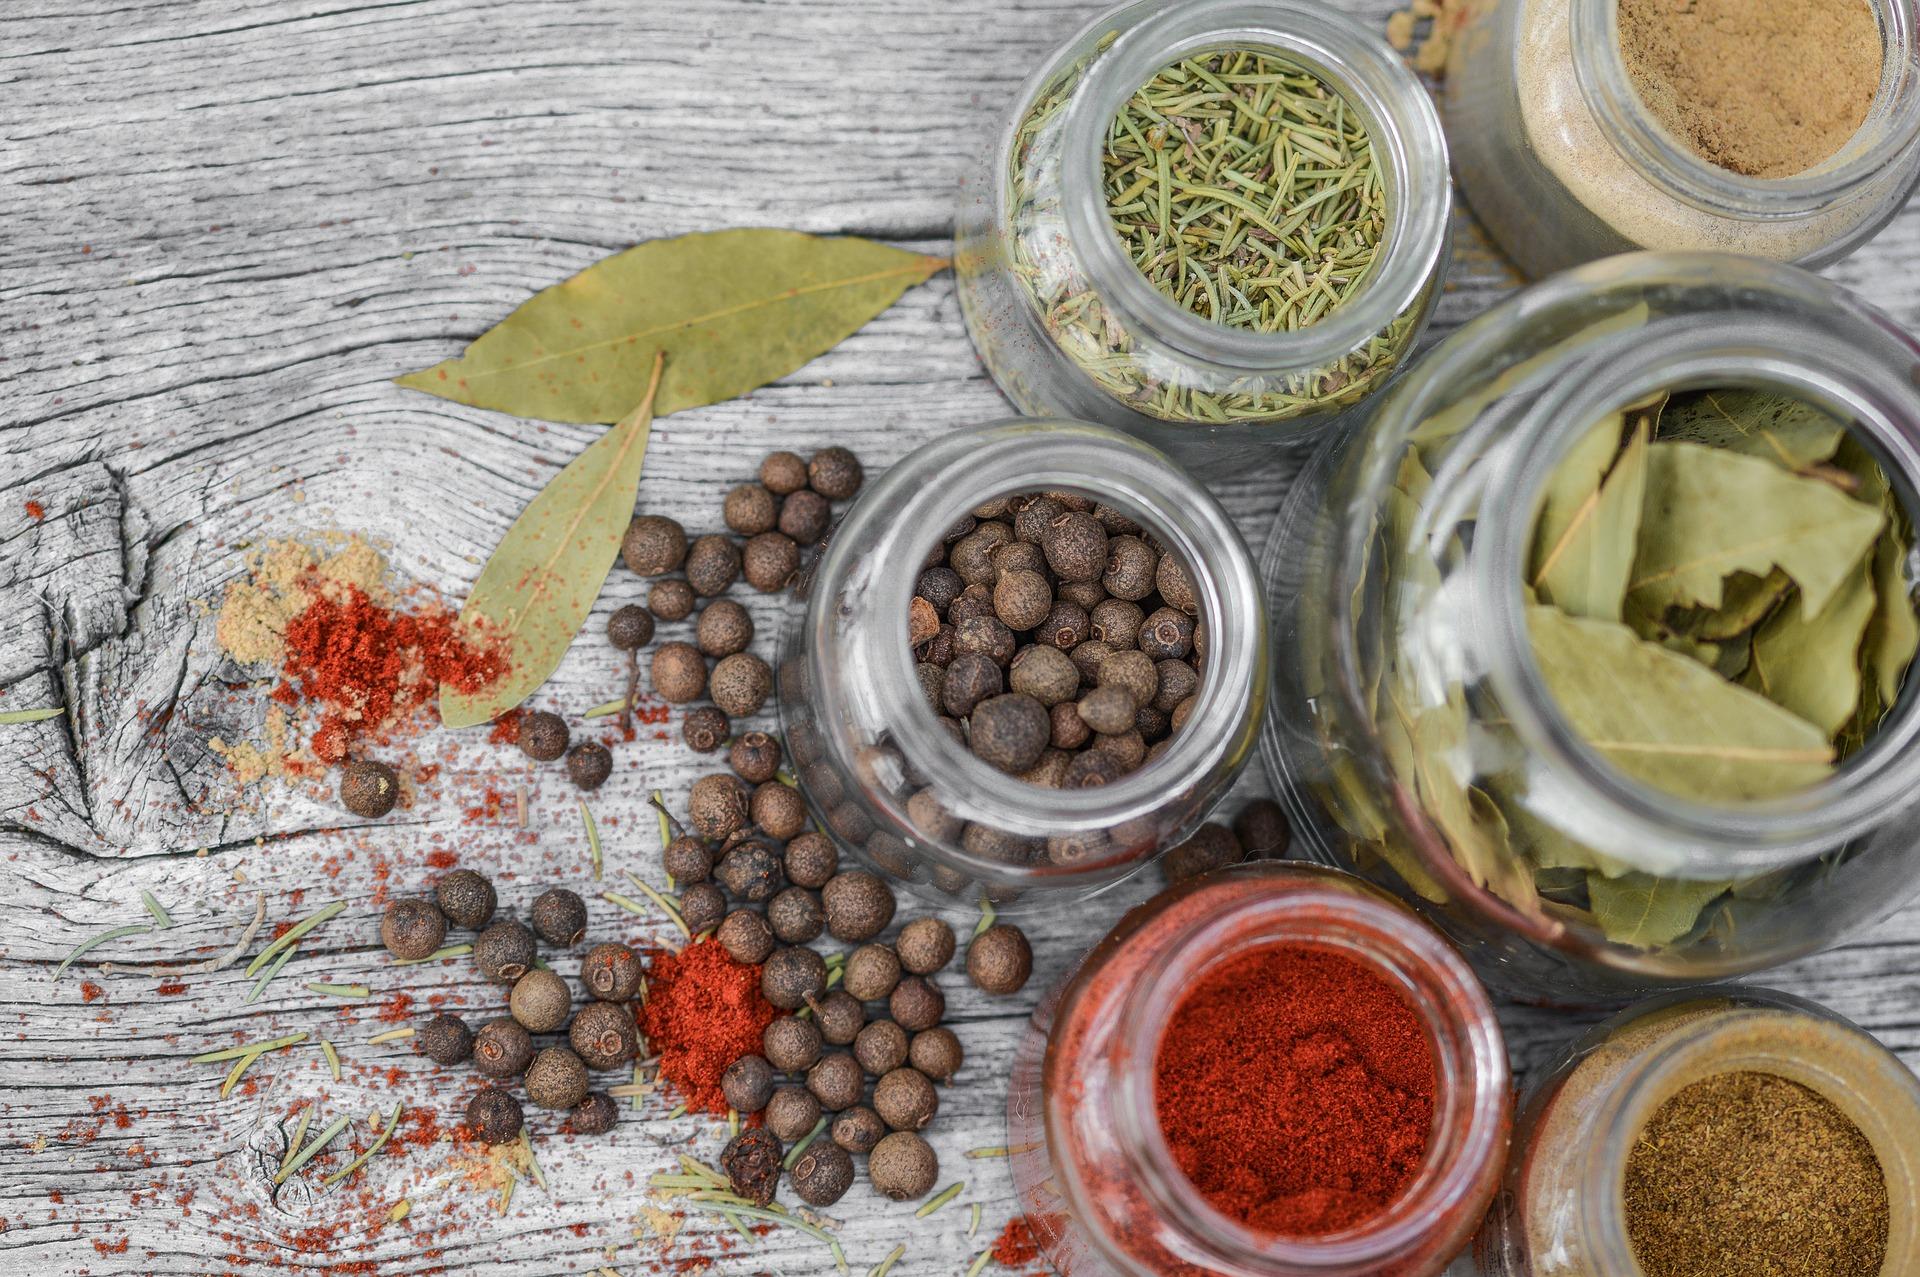 vegan-pantry-essentials